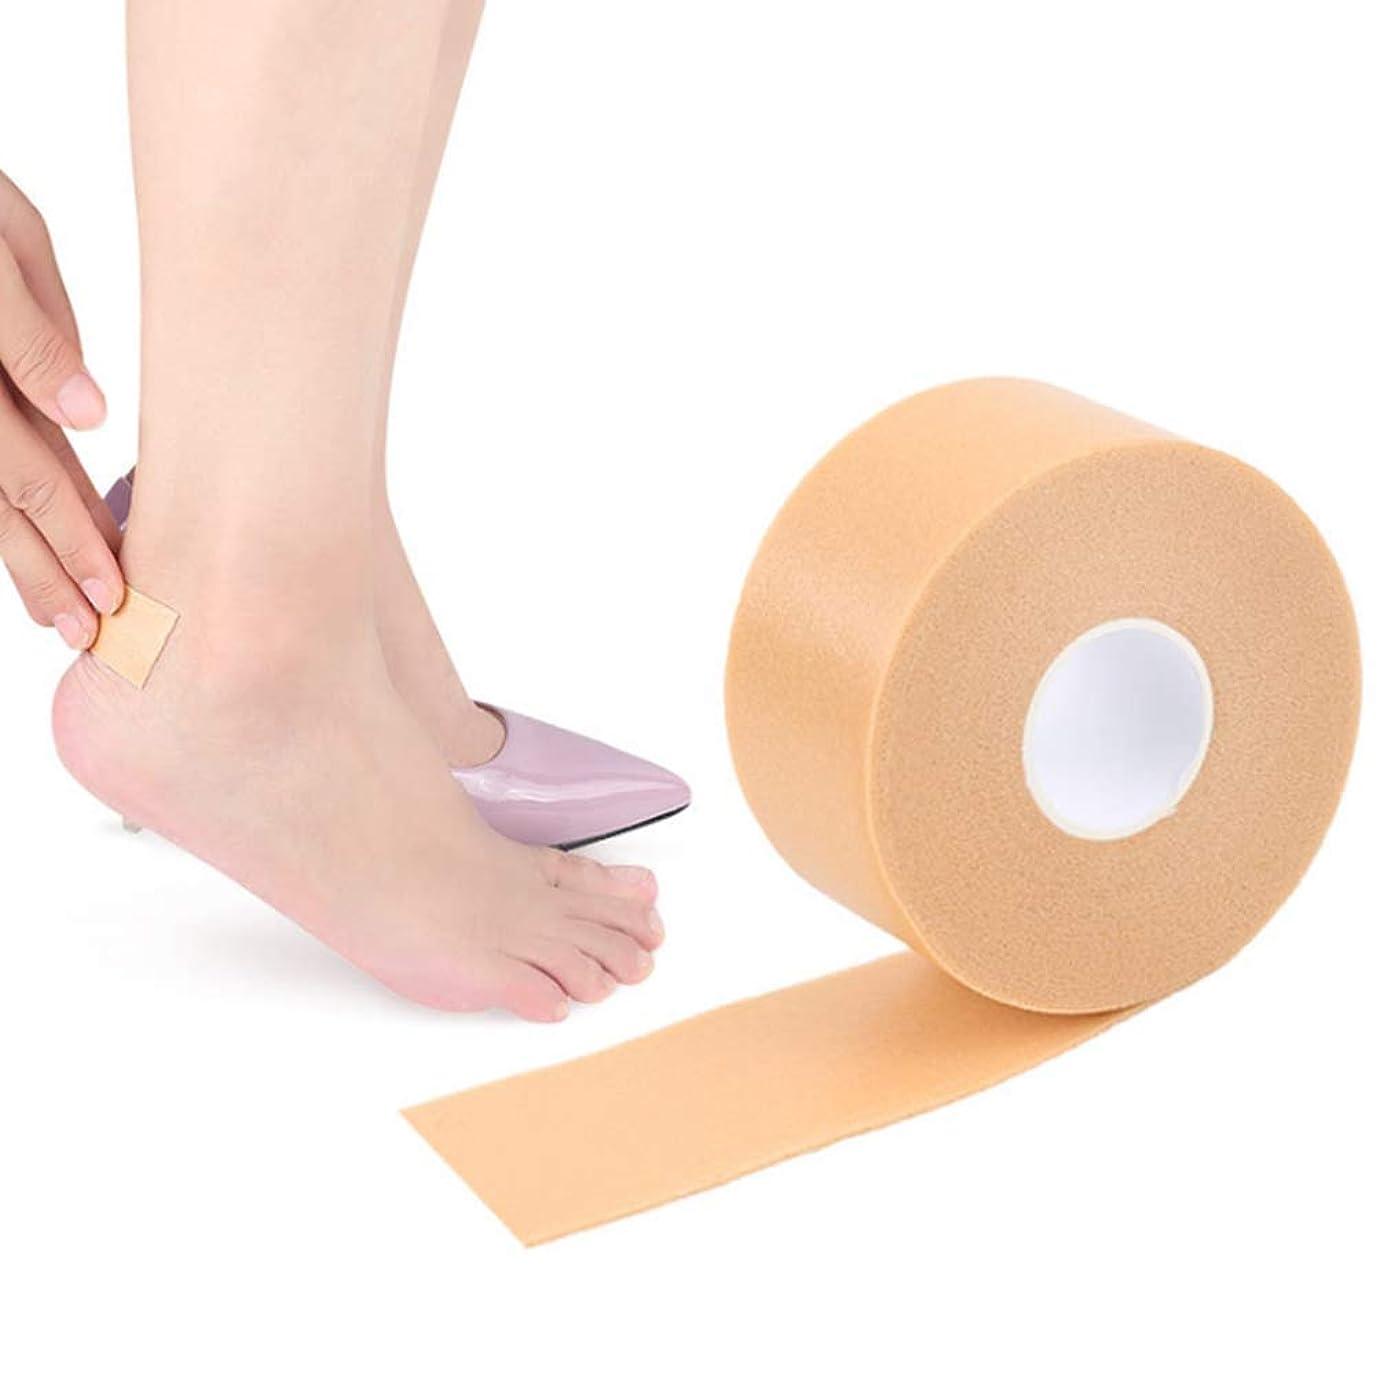 バング汚染された雑多な足用保護パッド 足痛み軽減 靴ずれ予防テープ 靴擦れ防止 靴ズレ防止 かかと パッド フットヒールステッカーテープ 防水素材 耐摩耗 痛み緩和 滑り止め 粘着 かかとパッド テープ 通気 男女兼用 (1個入り)